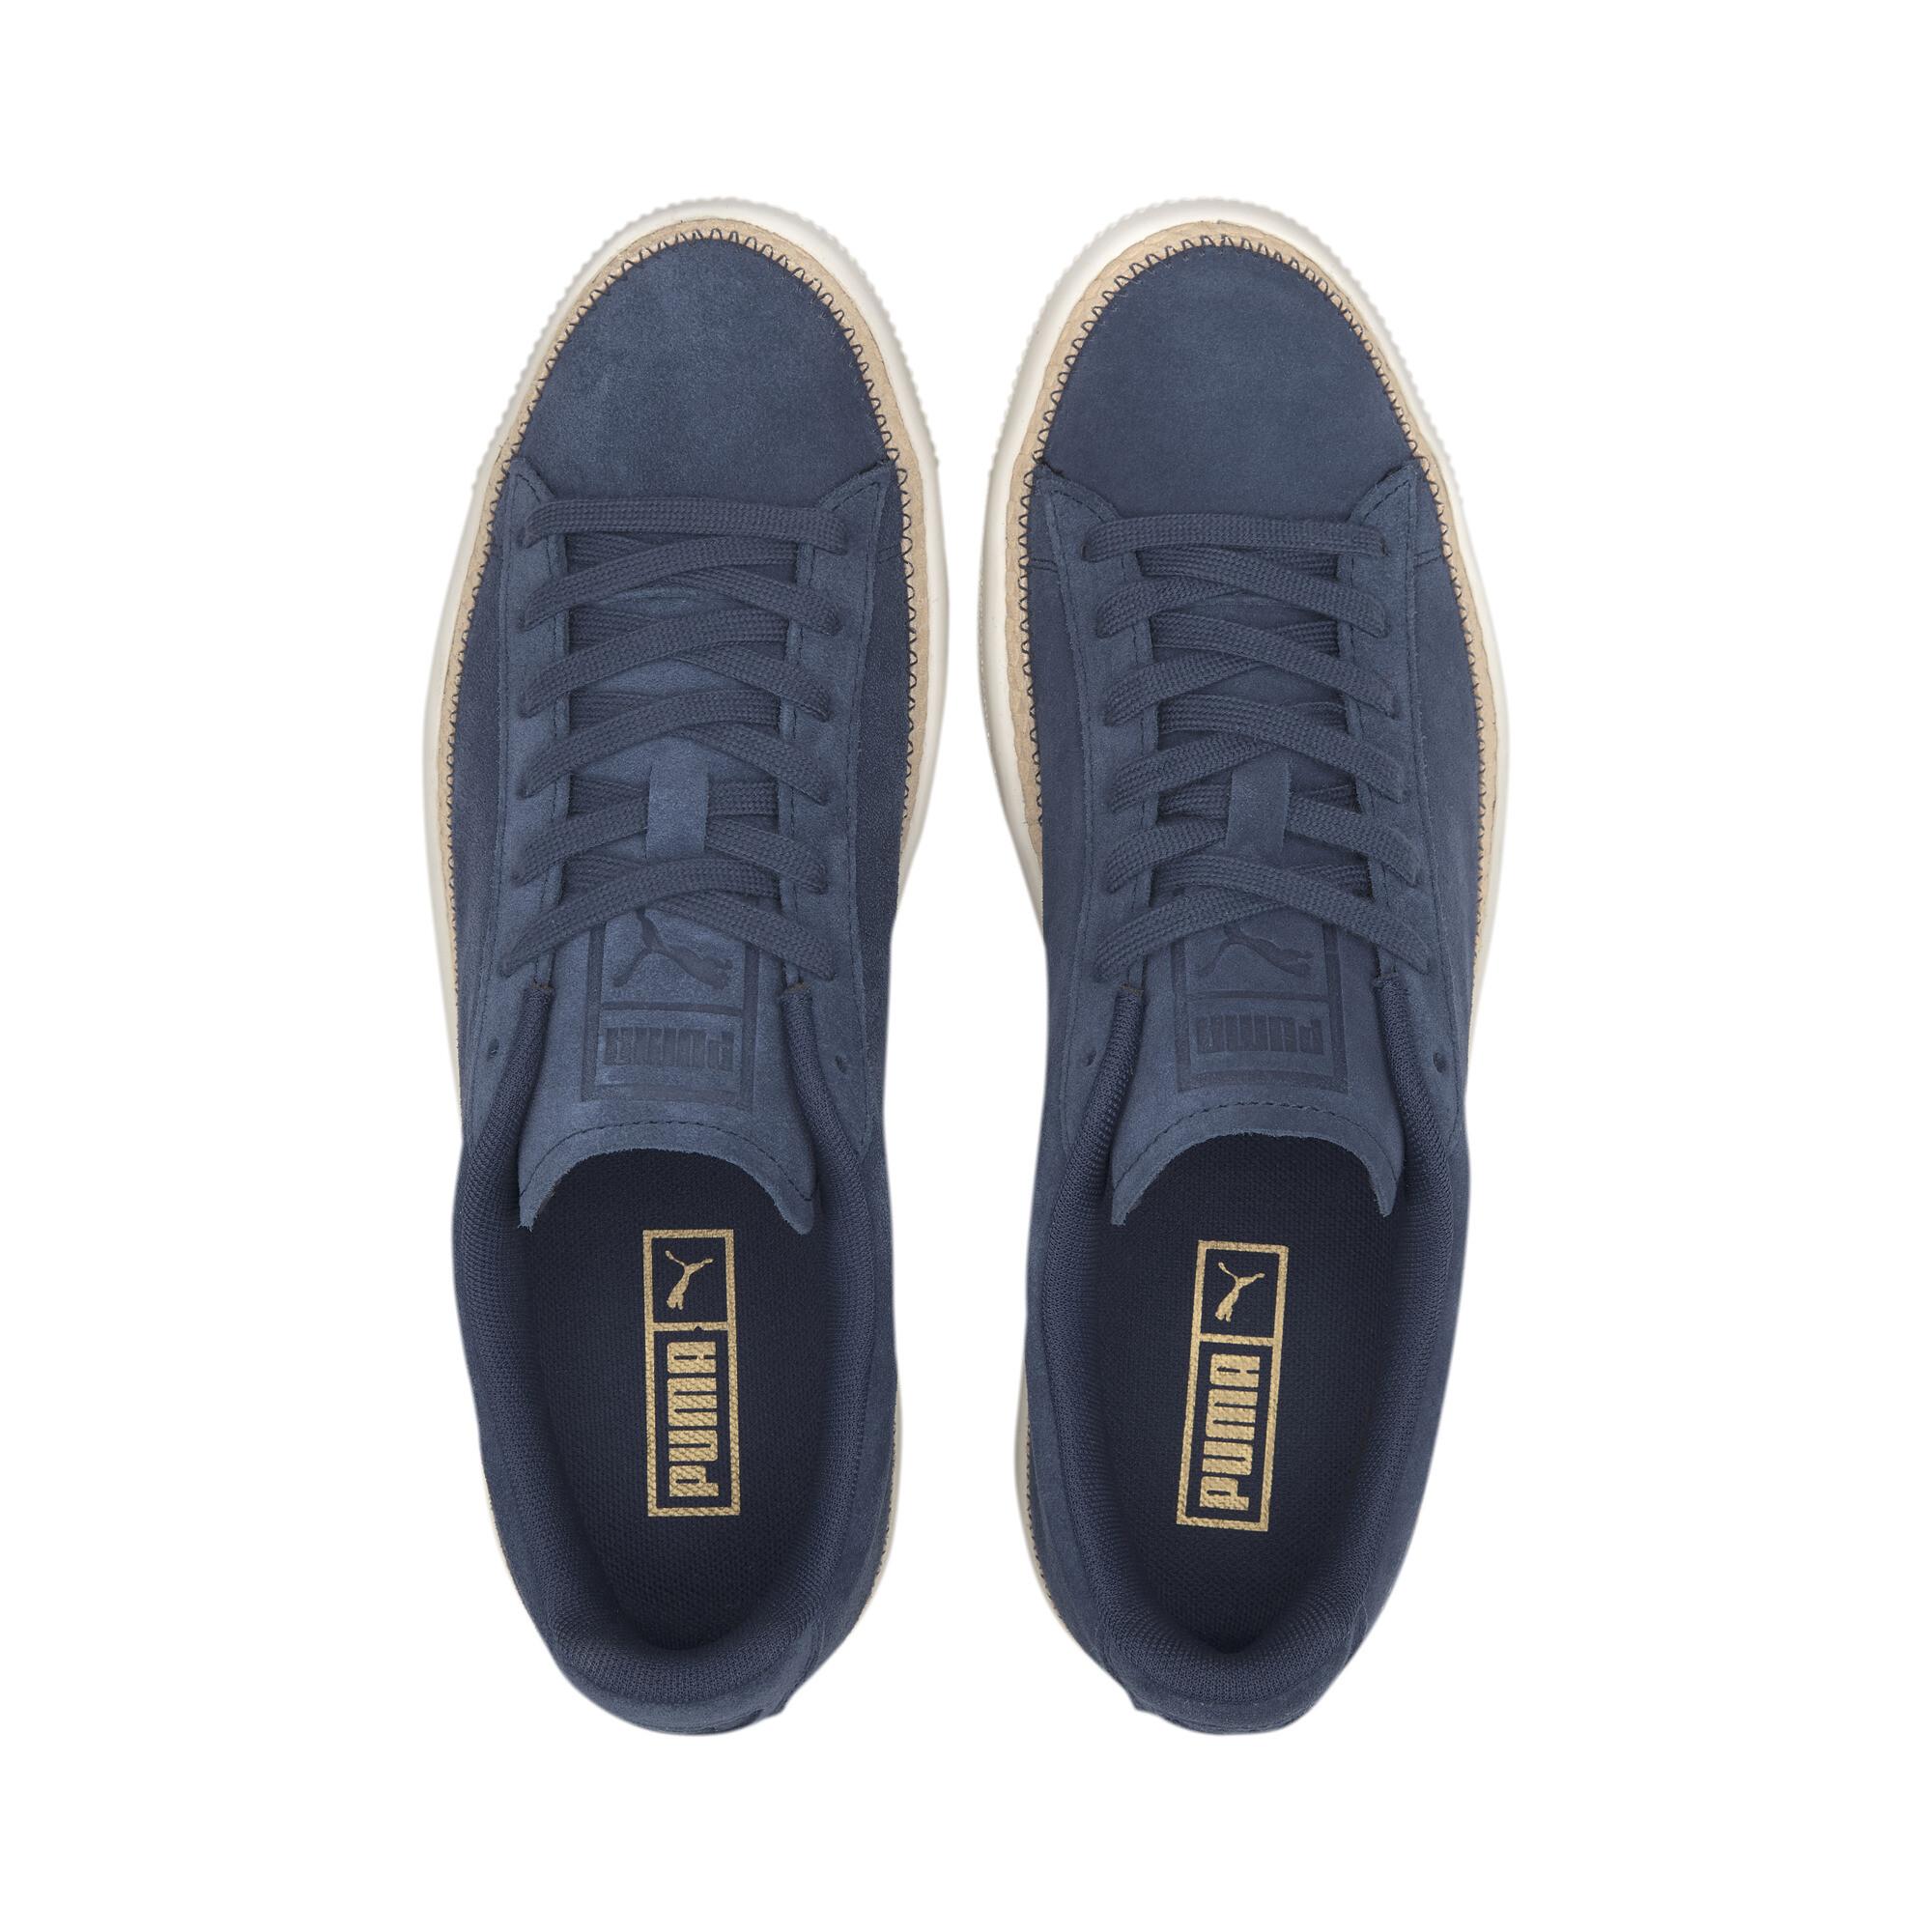 PUMA-Men-039-s-Suede-Trim-DLX-Sneakers thumbnail 15